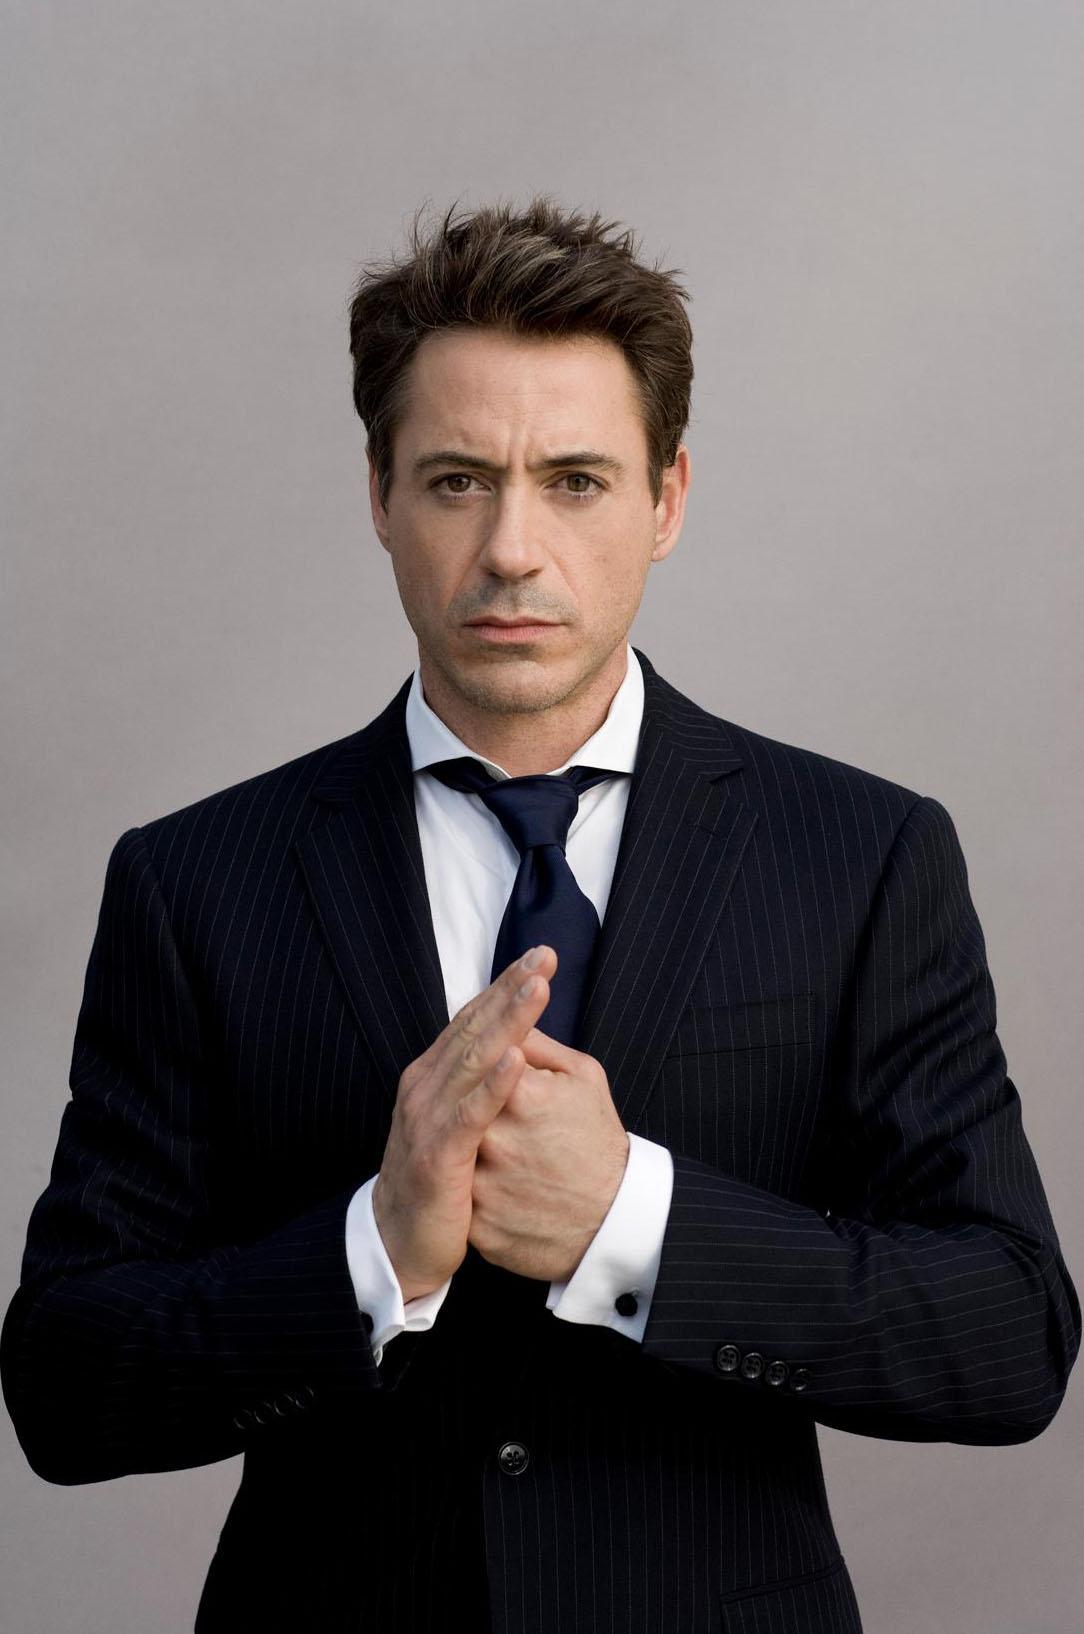 Robert Downey Jr. Gall... Robert Downey